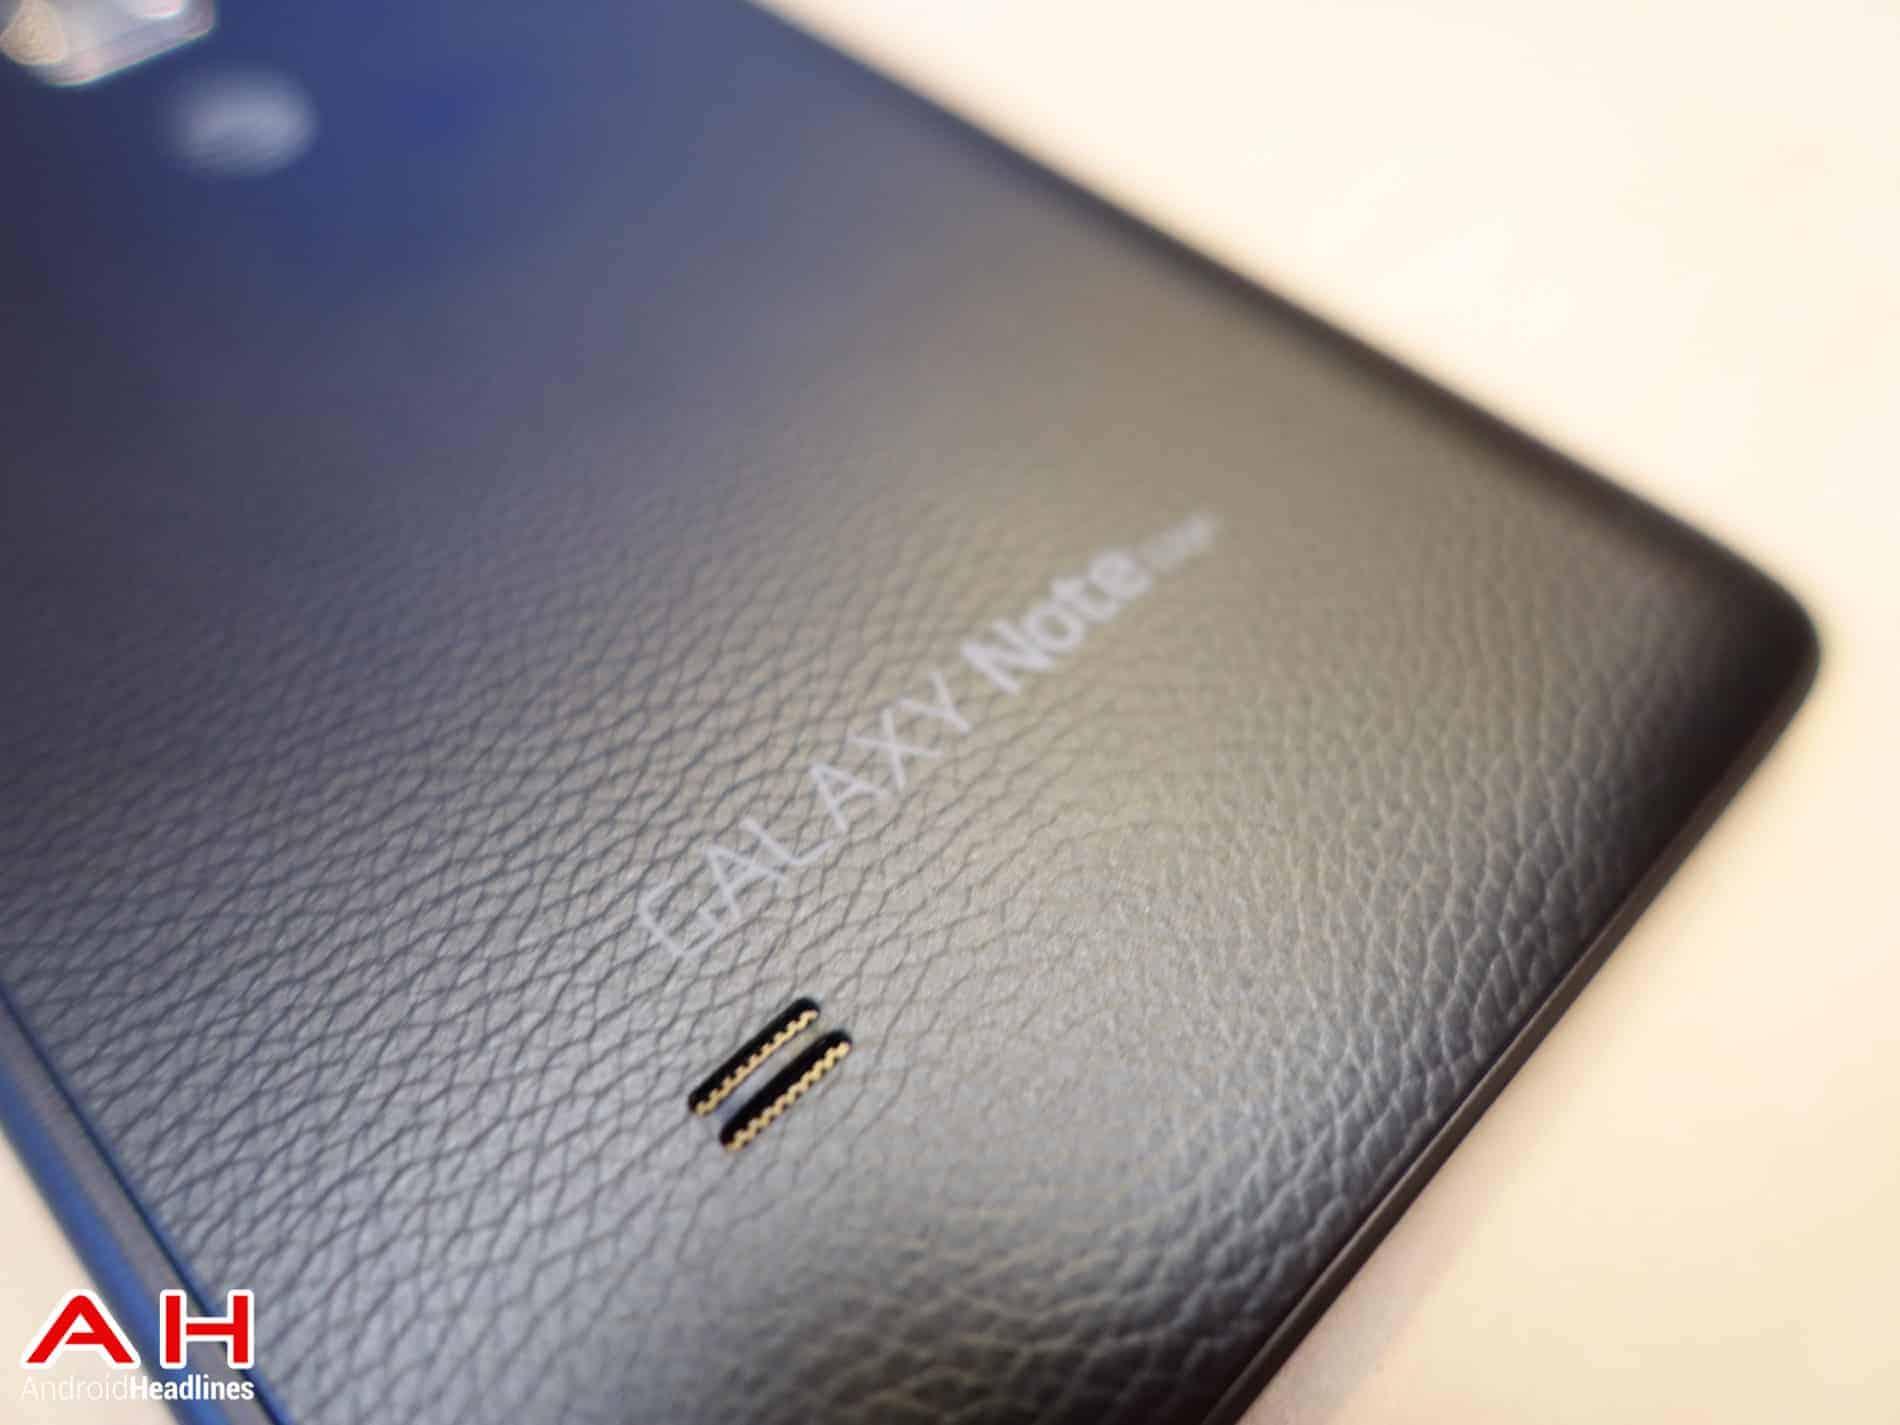 Samsung-Galaxy-Note-Edge-AH-18